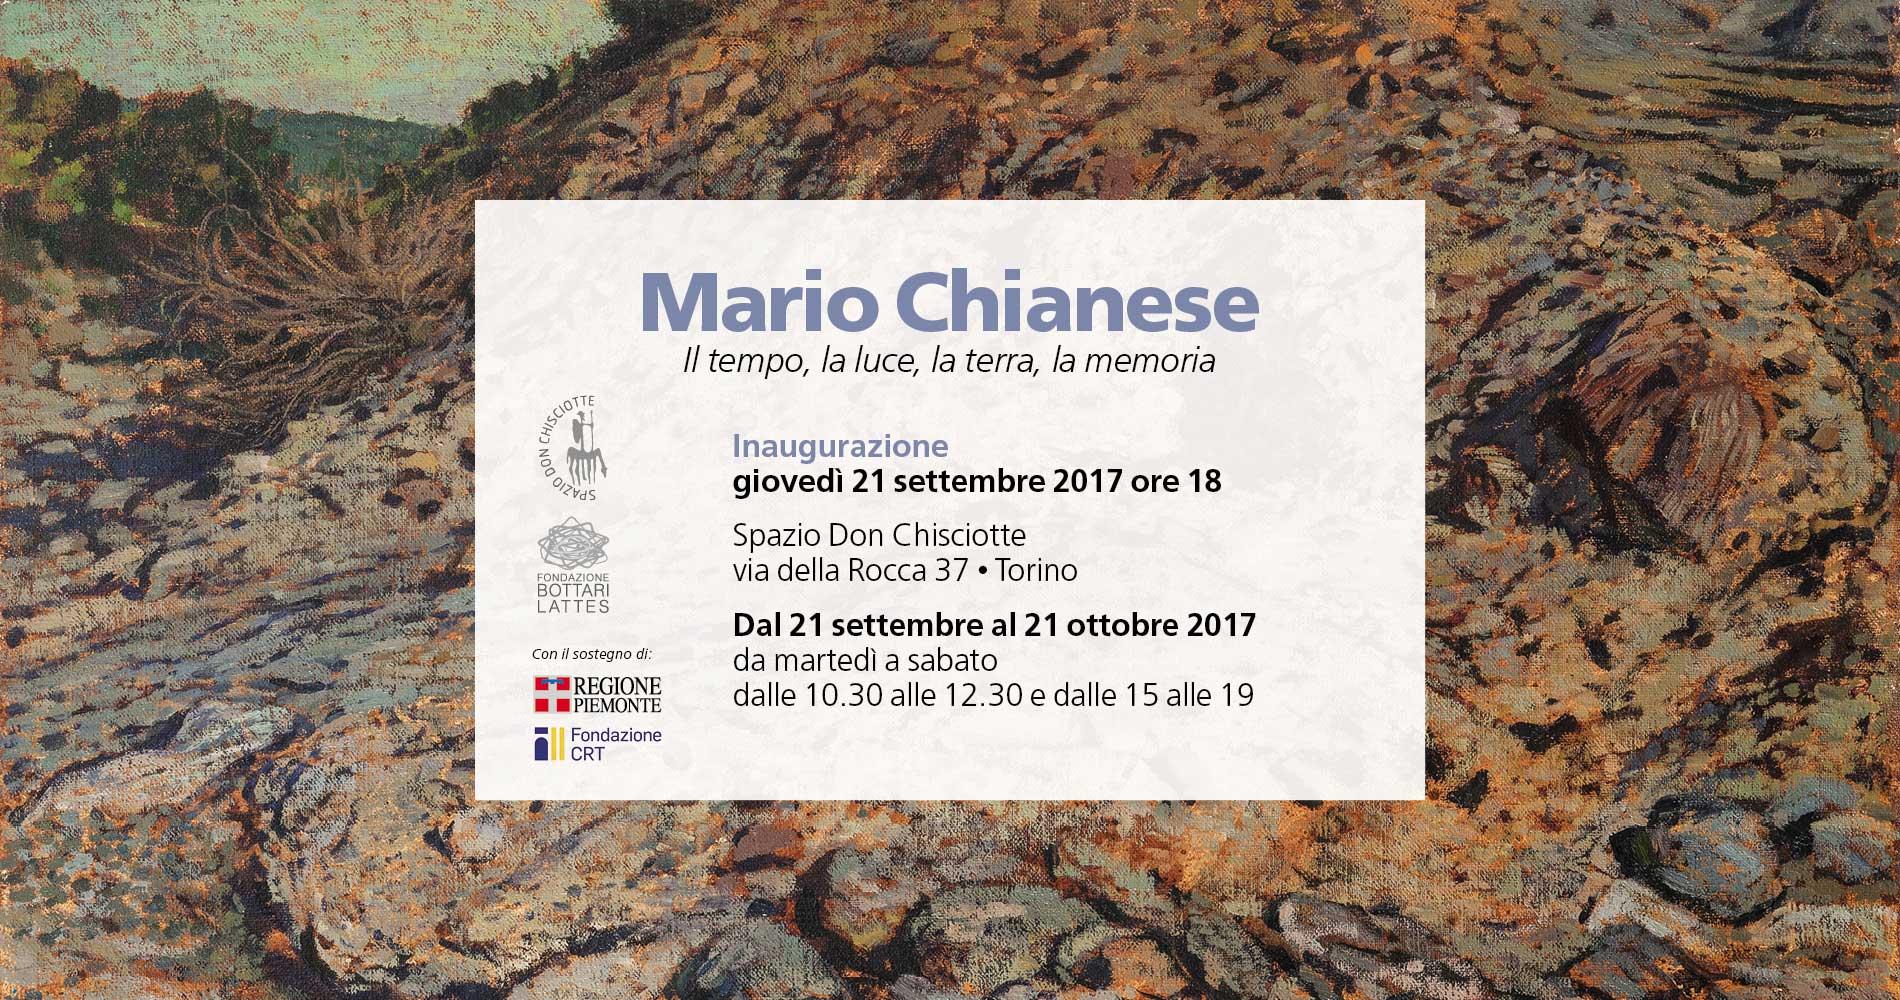 Il tempo, la luce, la terra, la memoria  La natura in sessant'anni di ricerca di Mario Chianese